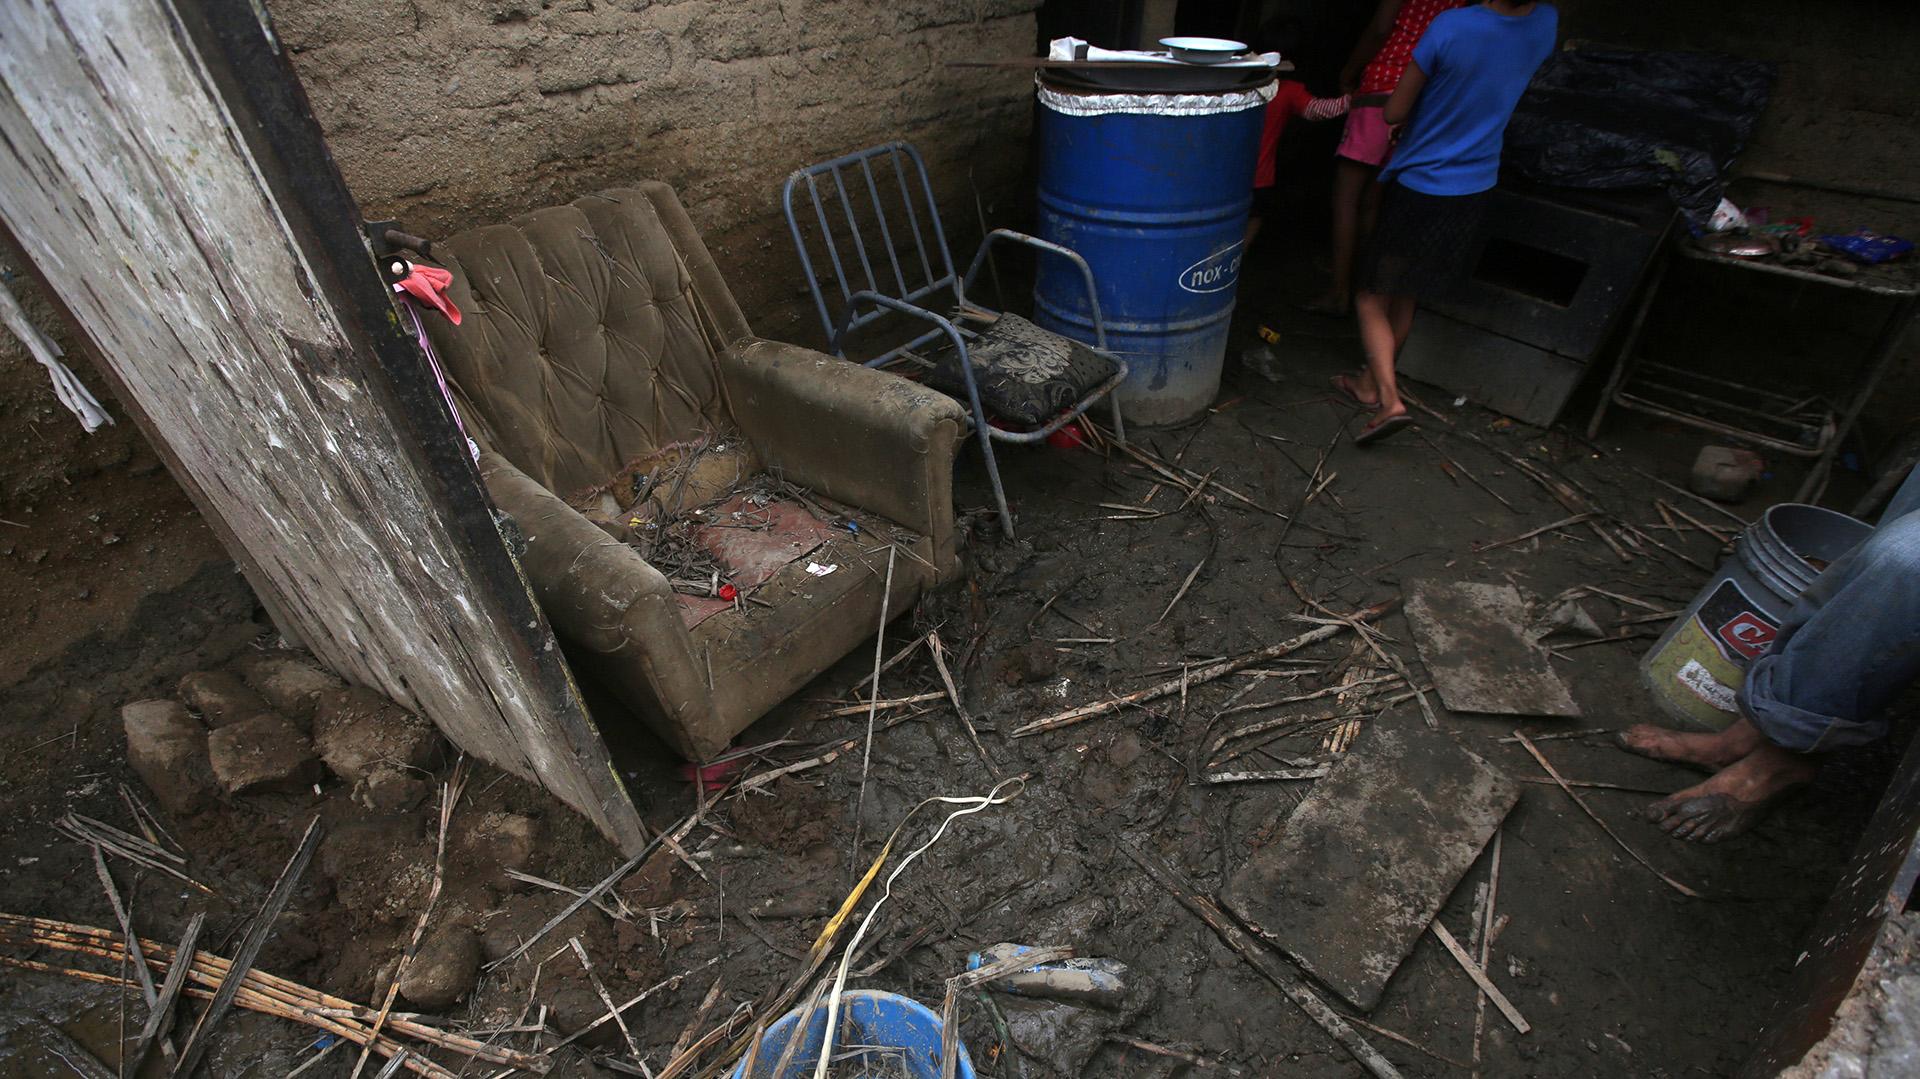 El Ejecutivo anunció que destinará 800 millones de soles (unos 242,4 millones de dólares) para la reconstrucción de las regiones norteñas de Piura, Tumbes y Lambayeque (Reuters)